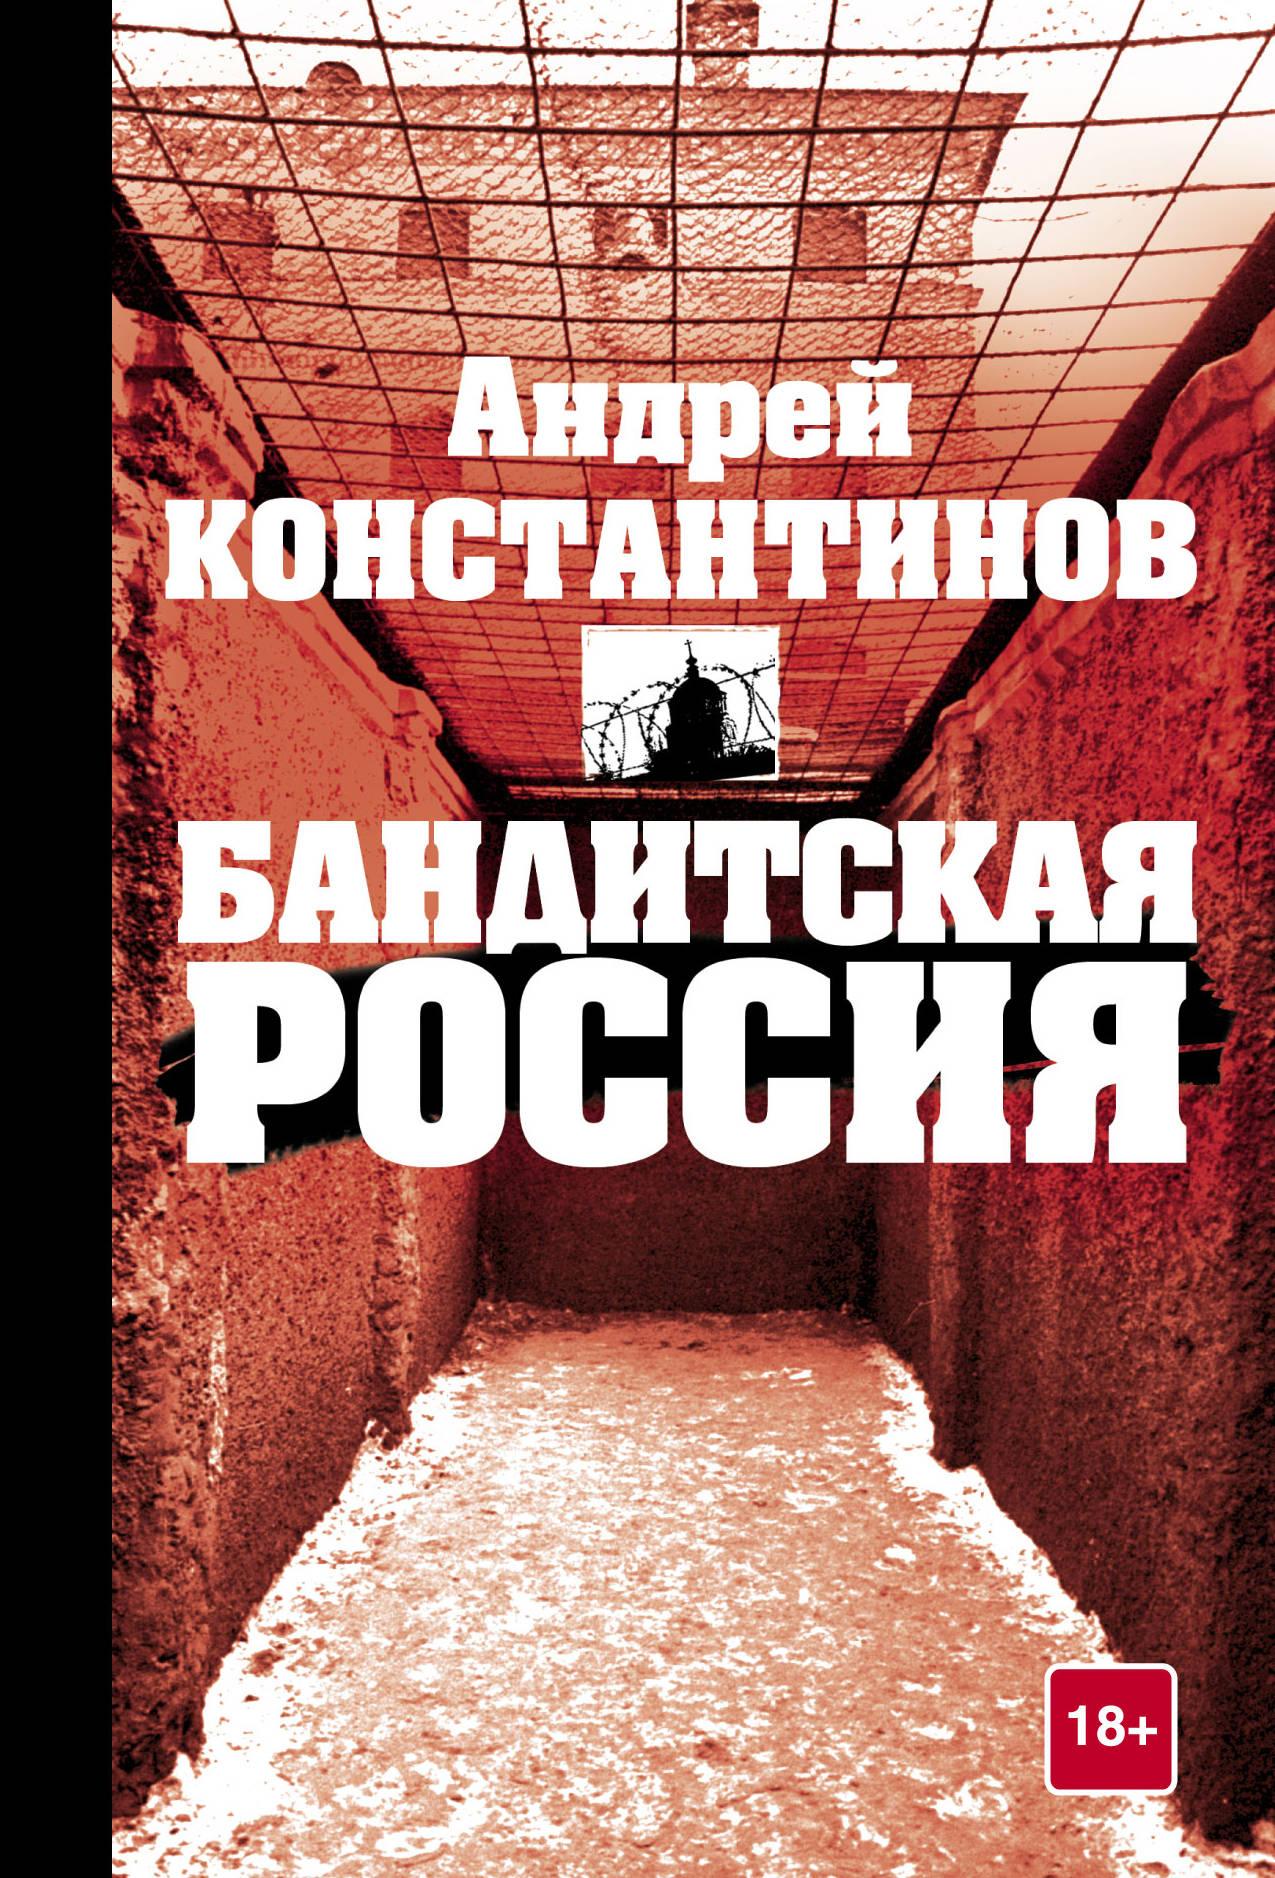 Андрей Константинов Бандитская Россия ISBN: 978-5-17-103288-3 колычев в бандитская голгофа